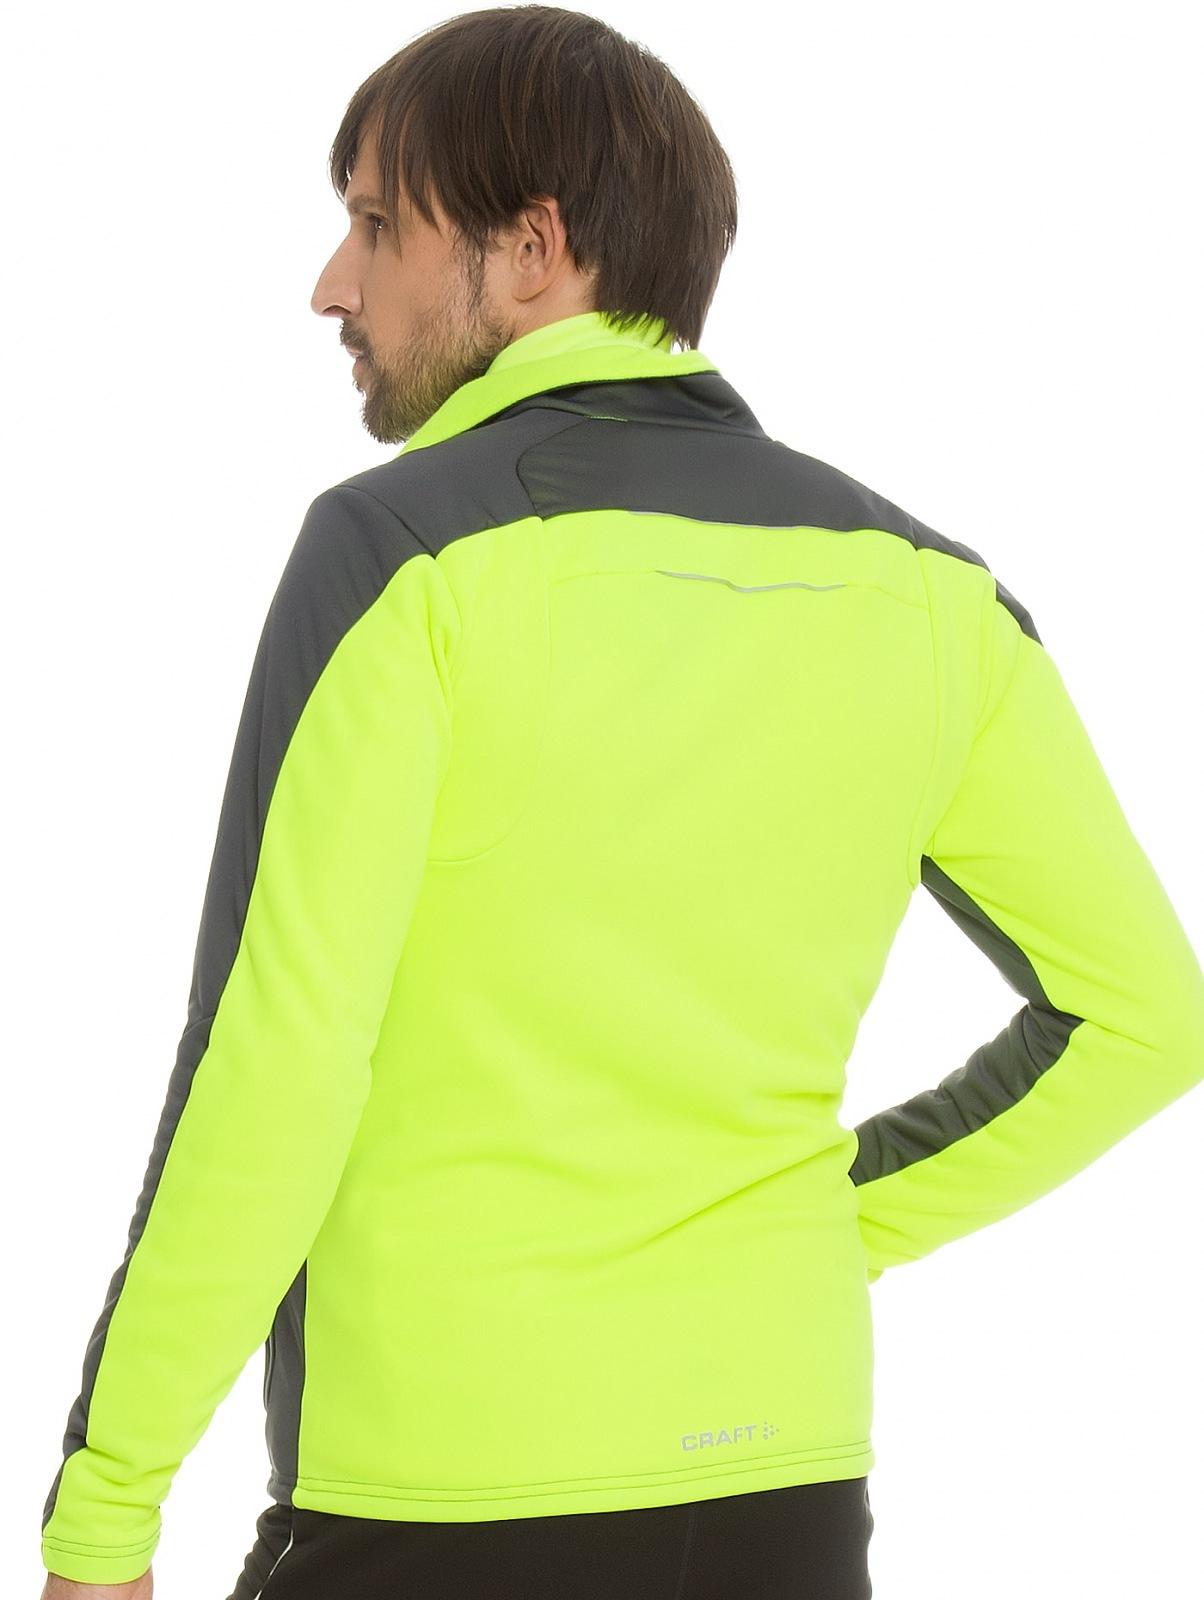 Мужская лыжная куртка крафт Storm (194653-2995) asphalt